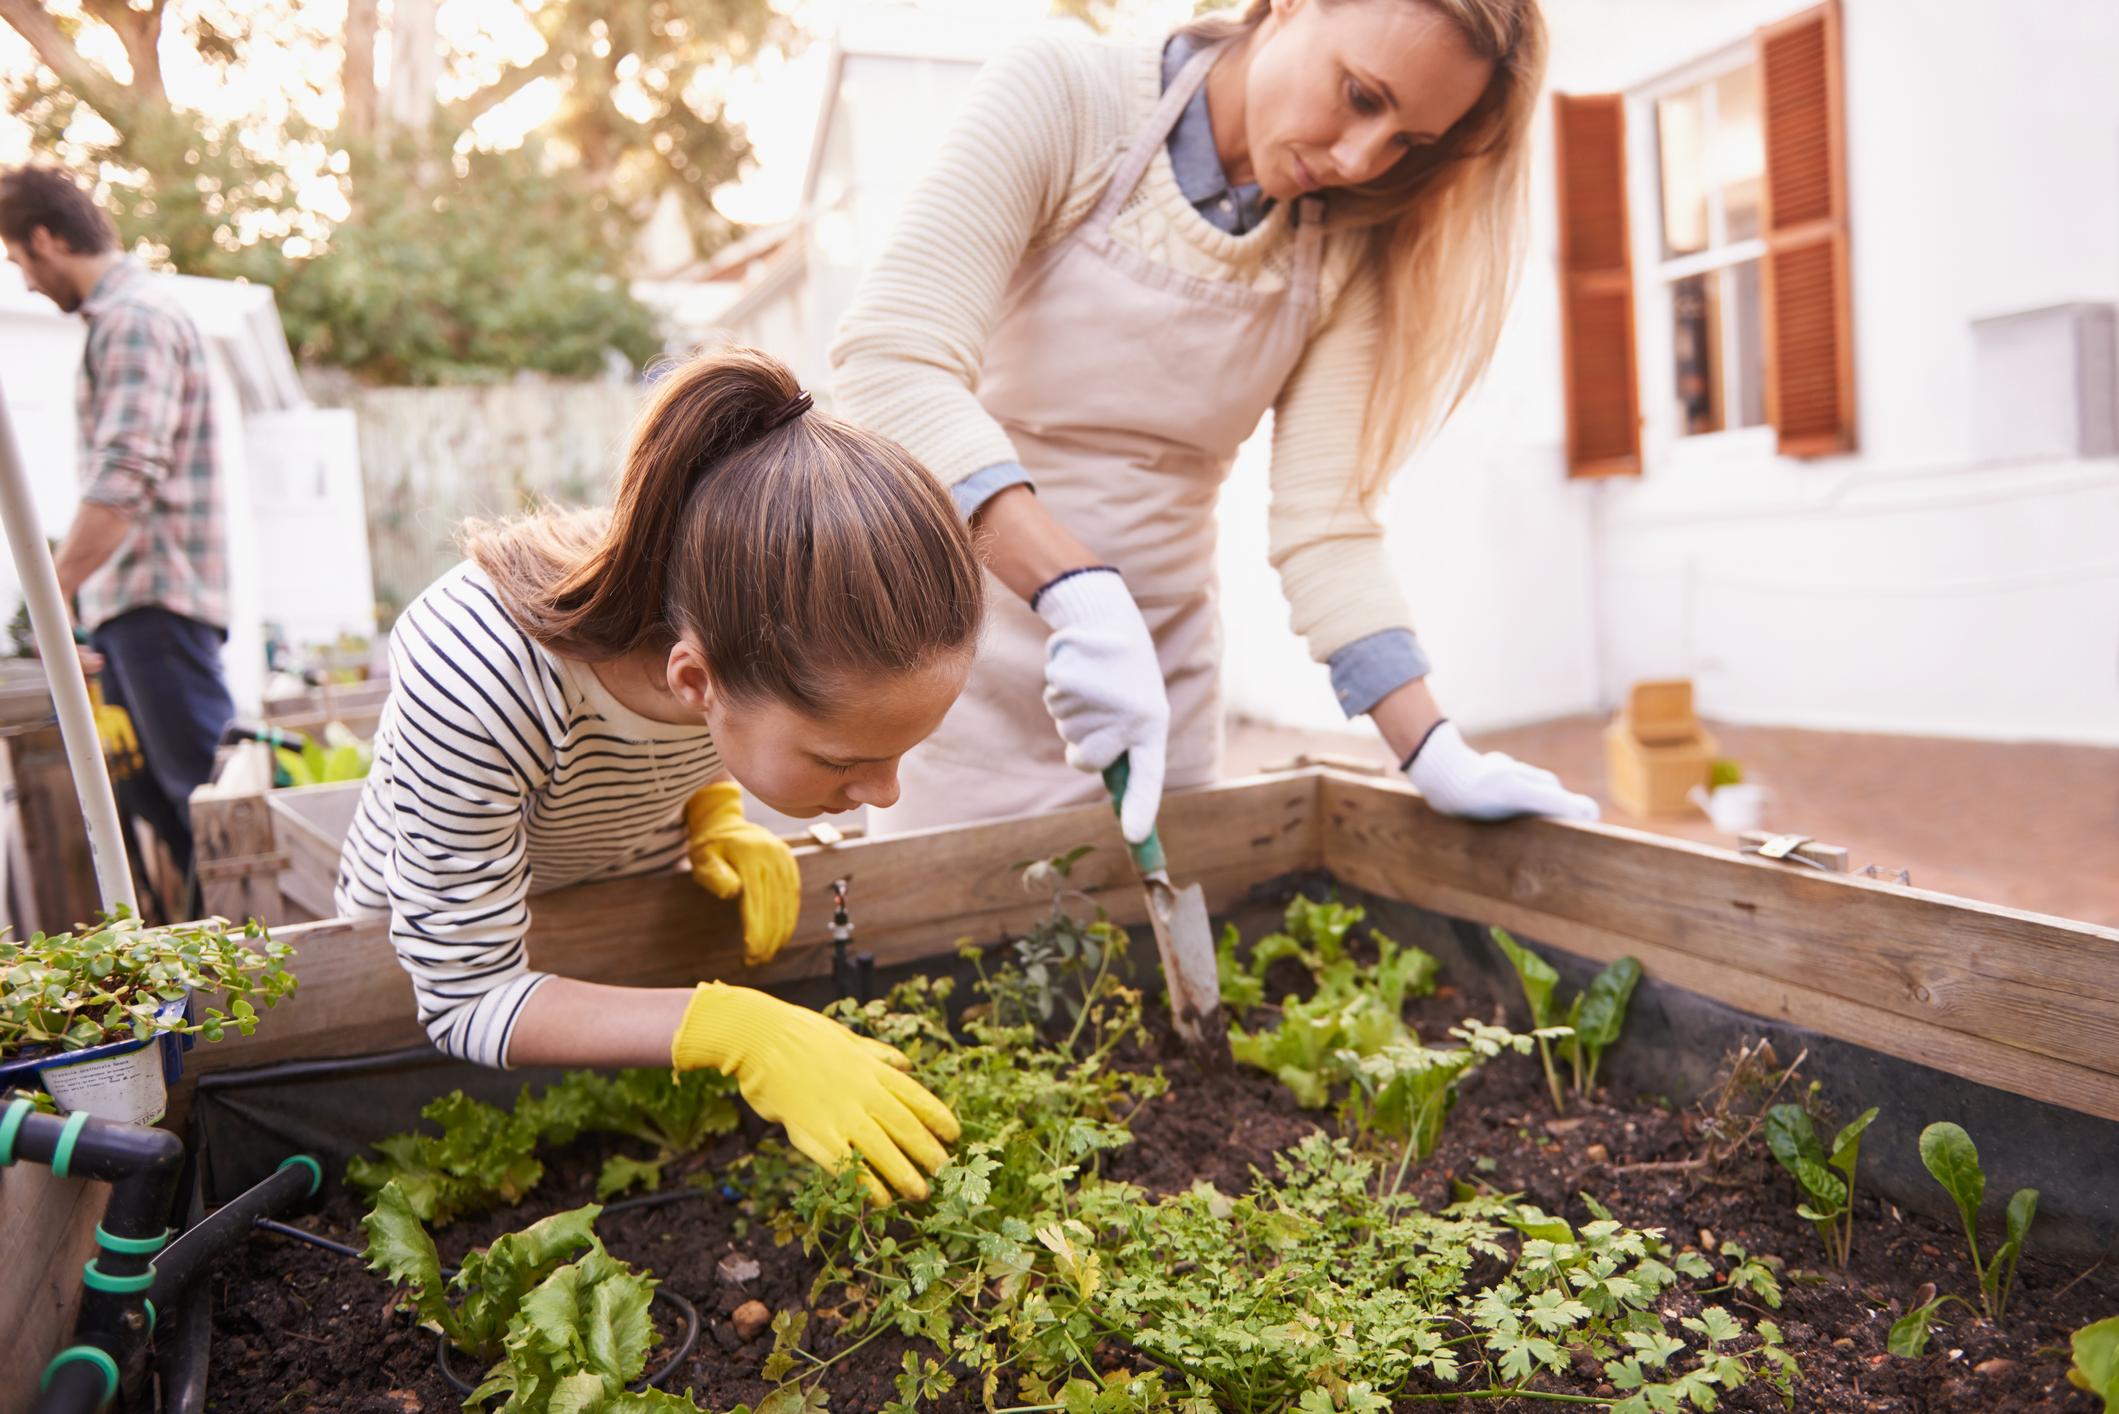 Ergonomisch: Mit Hochbeeten fällt die Gartenarbeit leichter und geht weniger auf den Rücken.